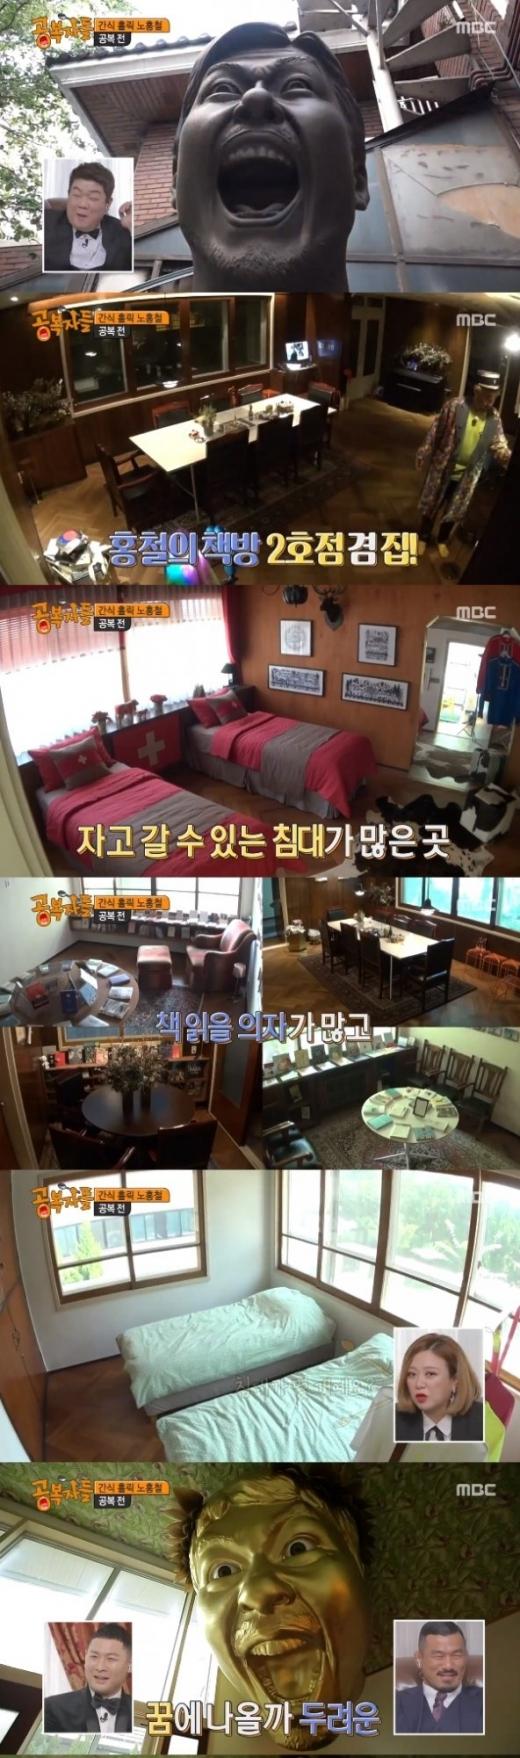 노홍철 집공개. /사진=공복자들 방송캡처